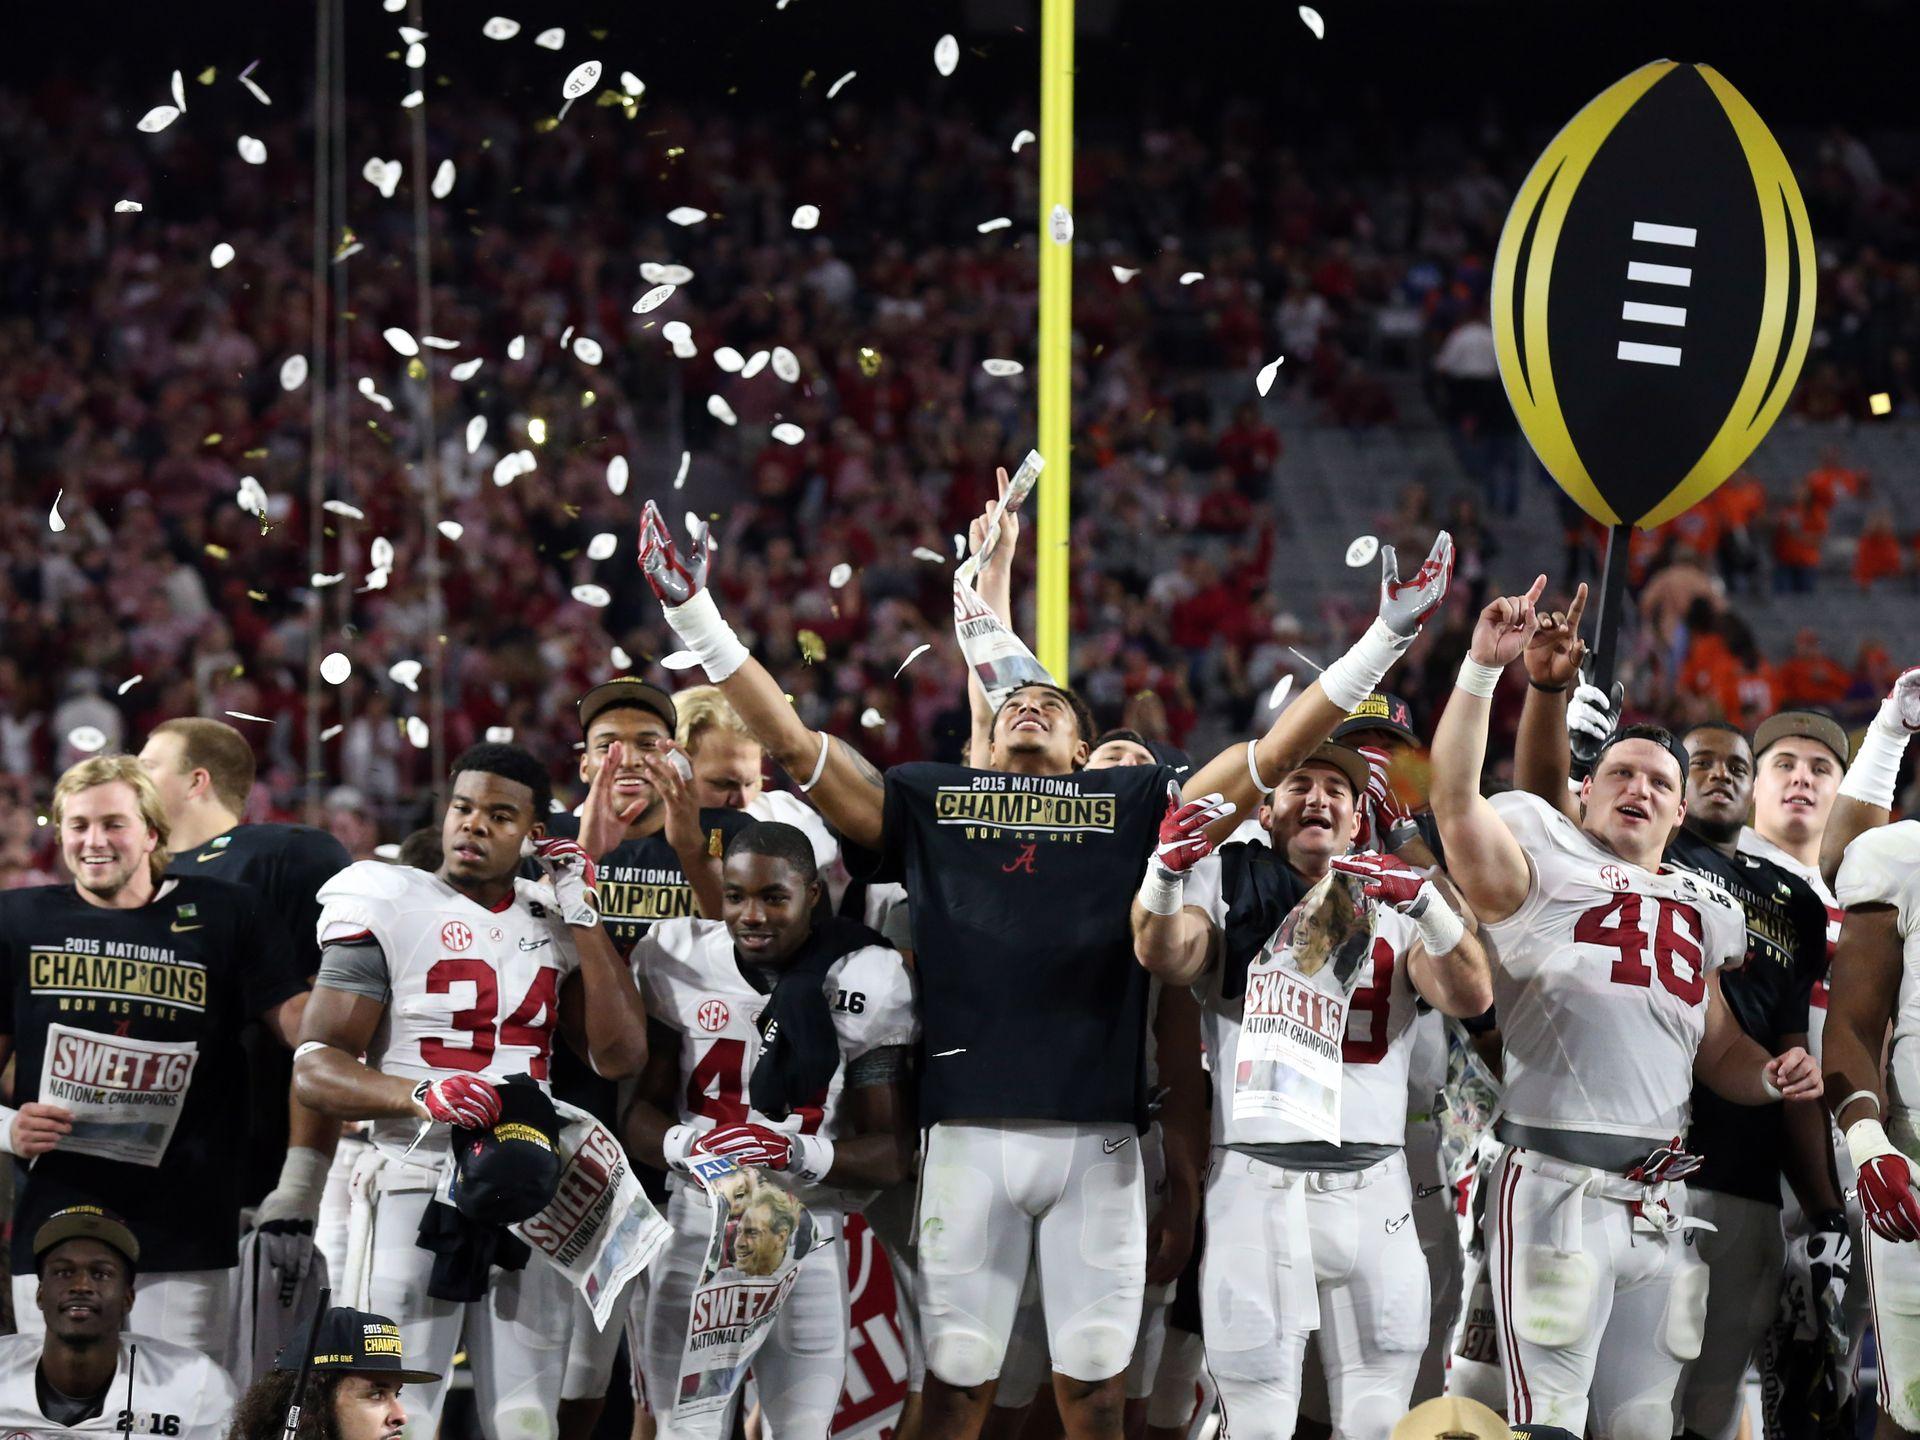 Sláva vítězům, čest poraženým. Titul Národního šampióna si užívají hráči Alabamy. Foto: Matthew Emmons, USA TODAY Sports